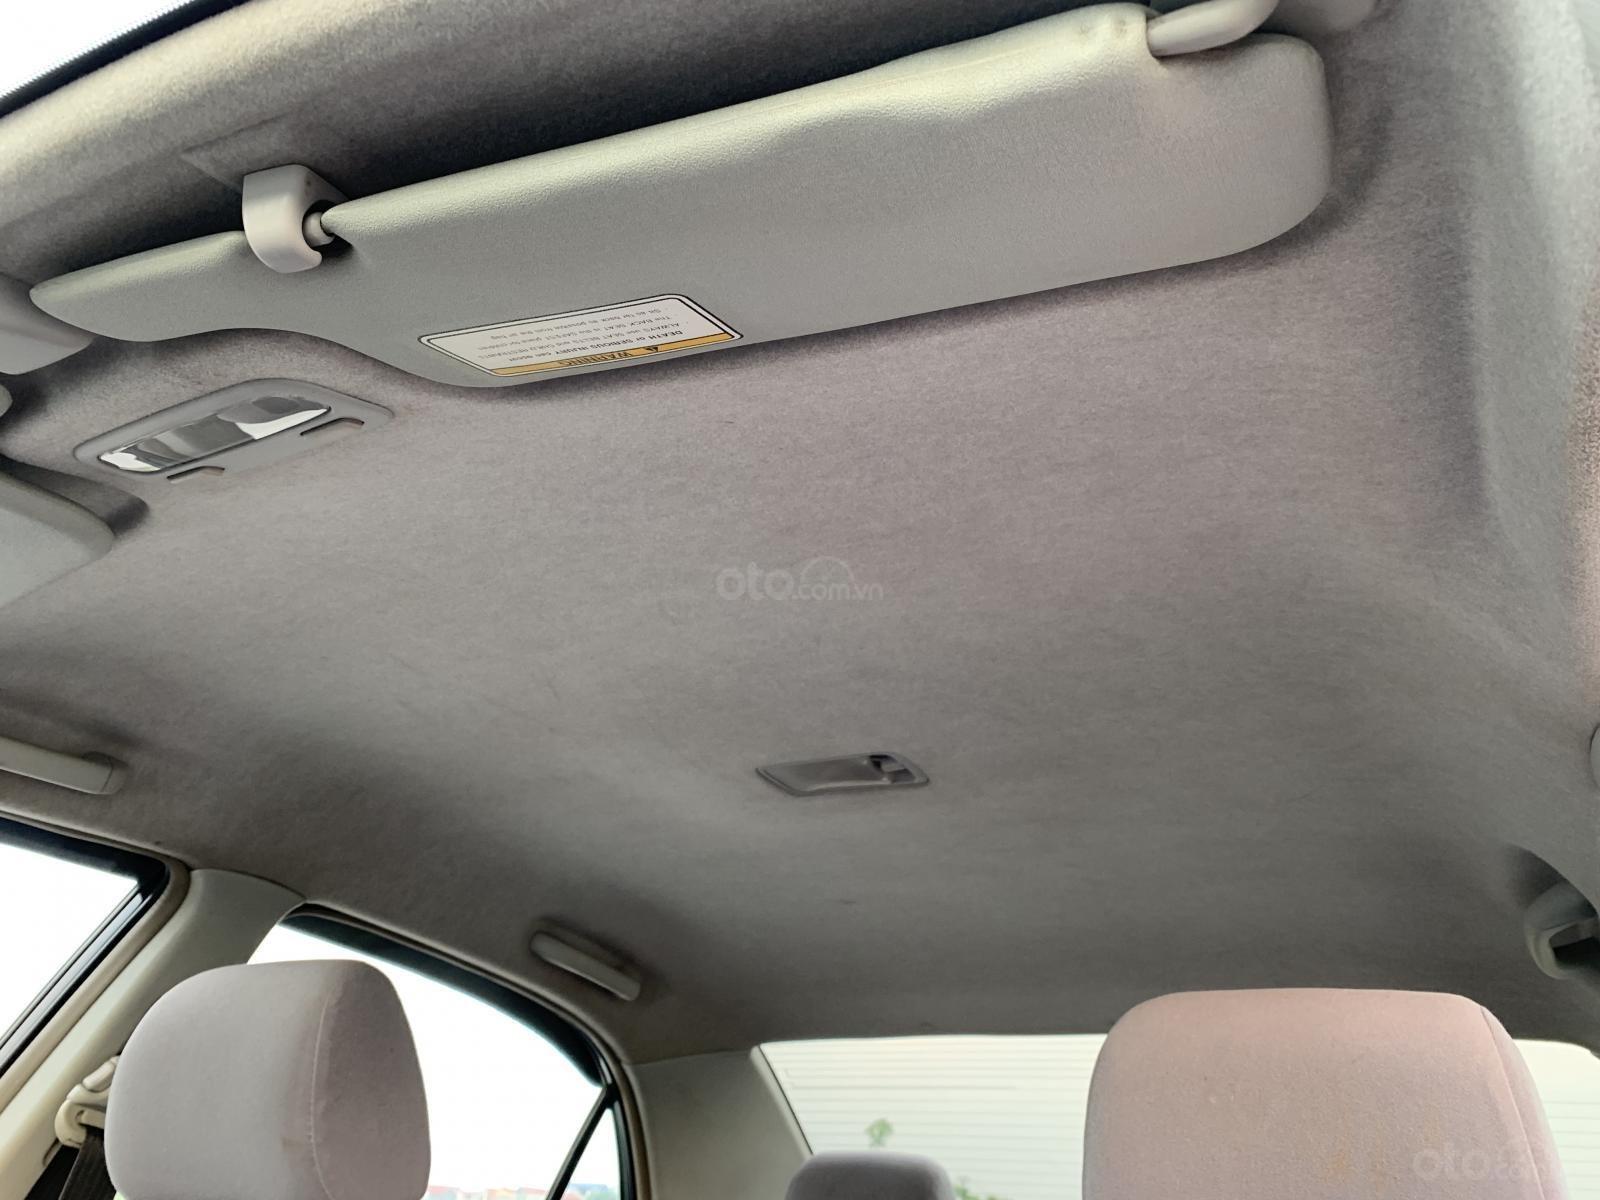 Bán xe Toyota Corolla Altis 1.8G MT đời 2002, màu đen (10)